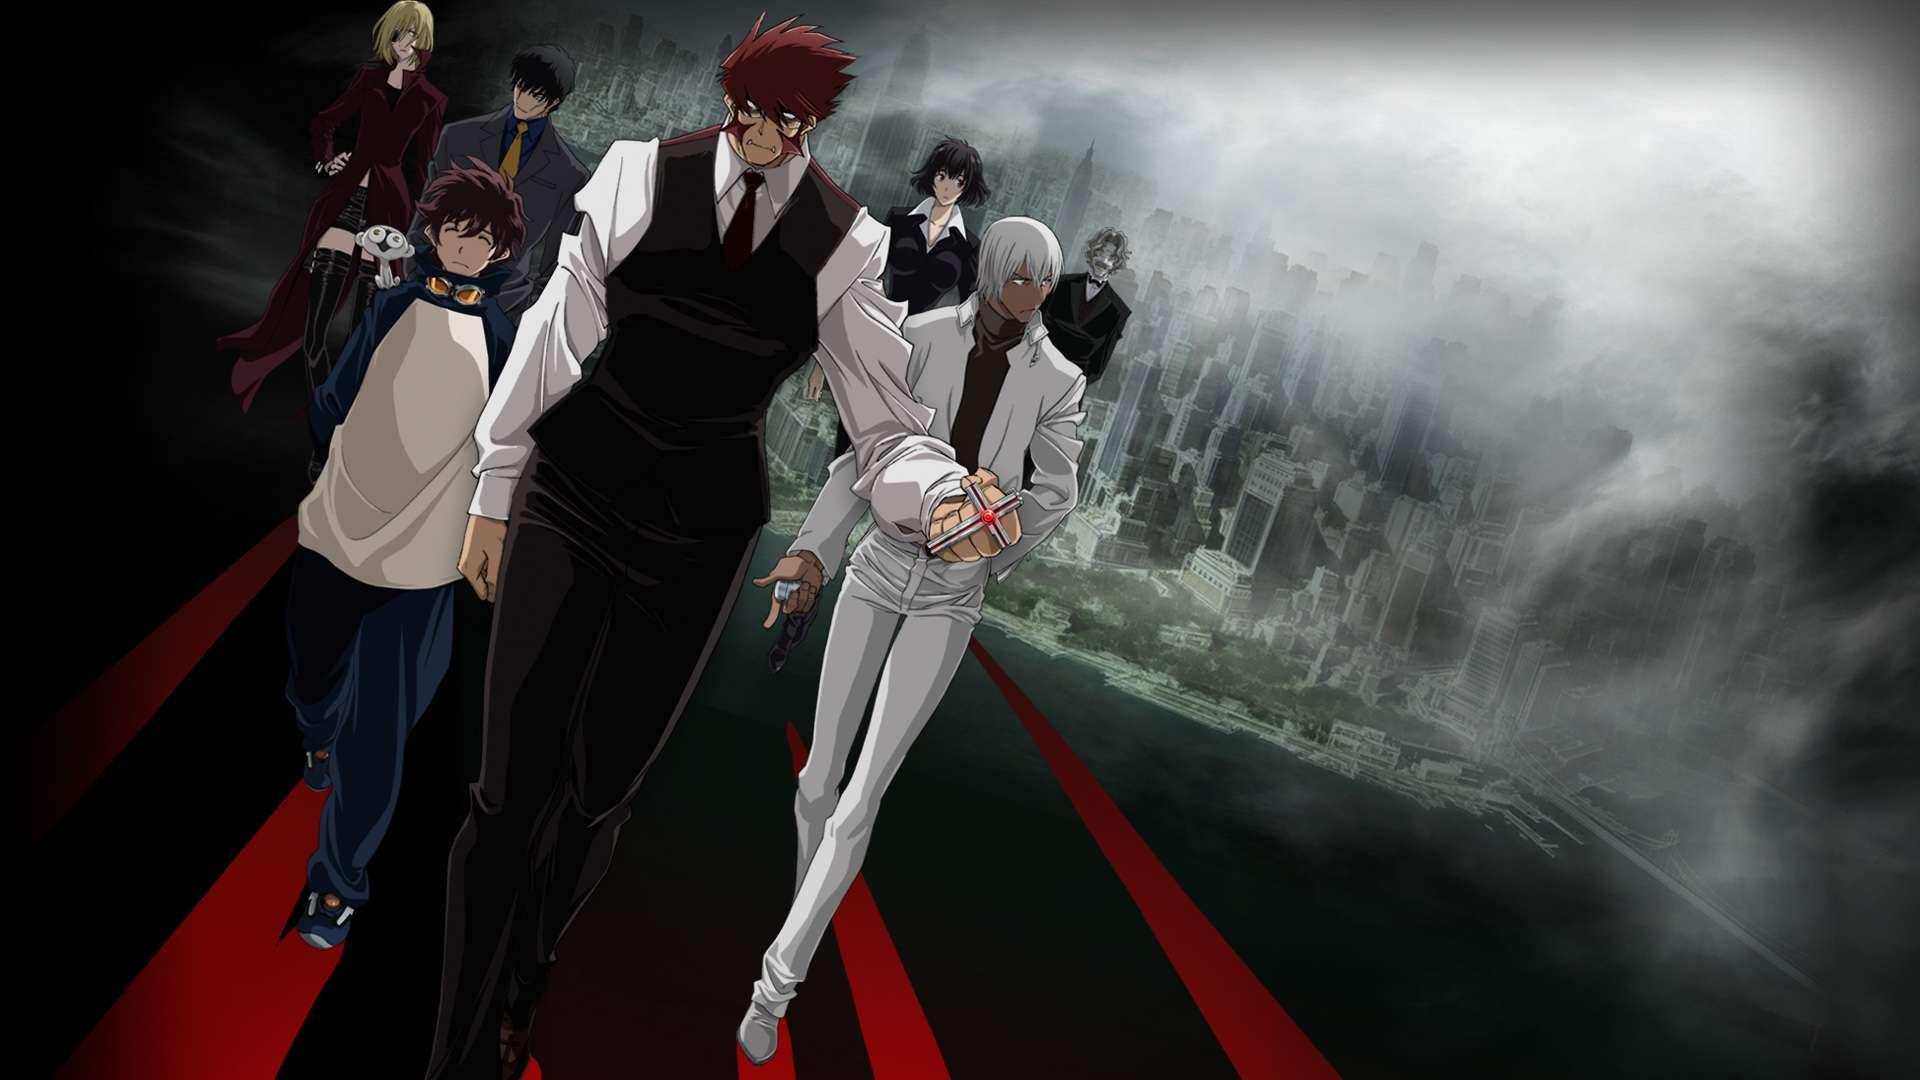 Kekkai Sensen Blood Blockade Battlefront - 2014